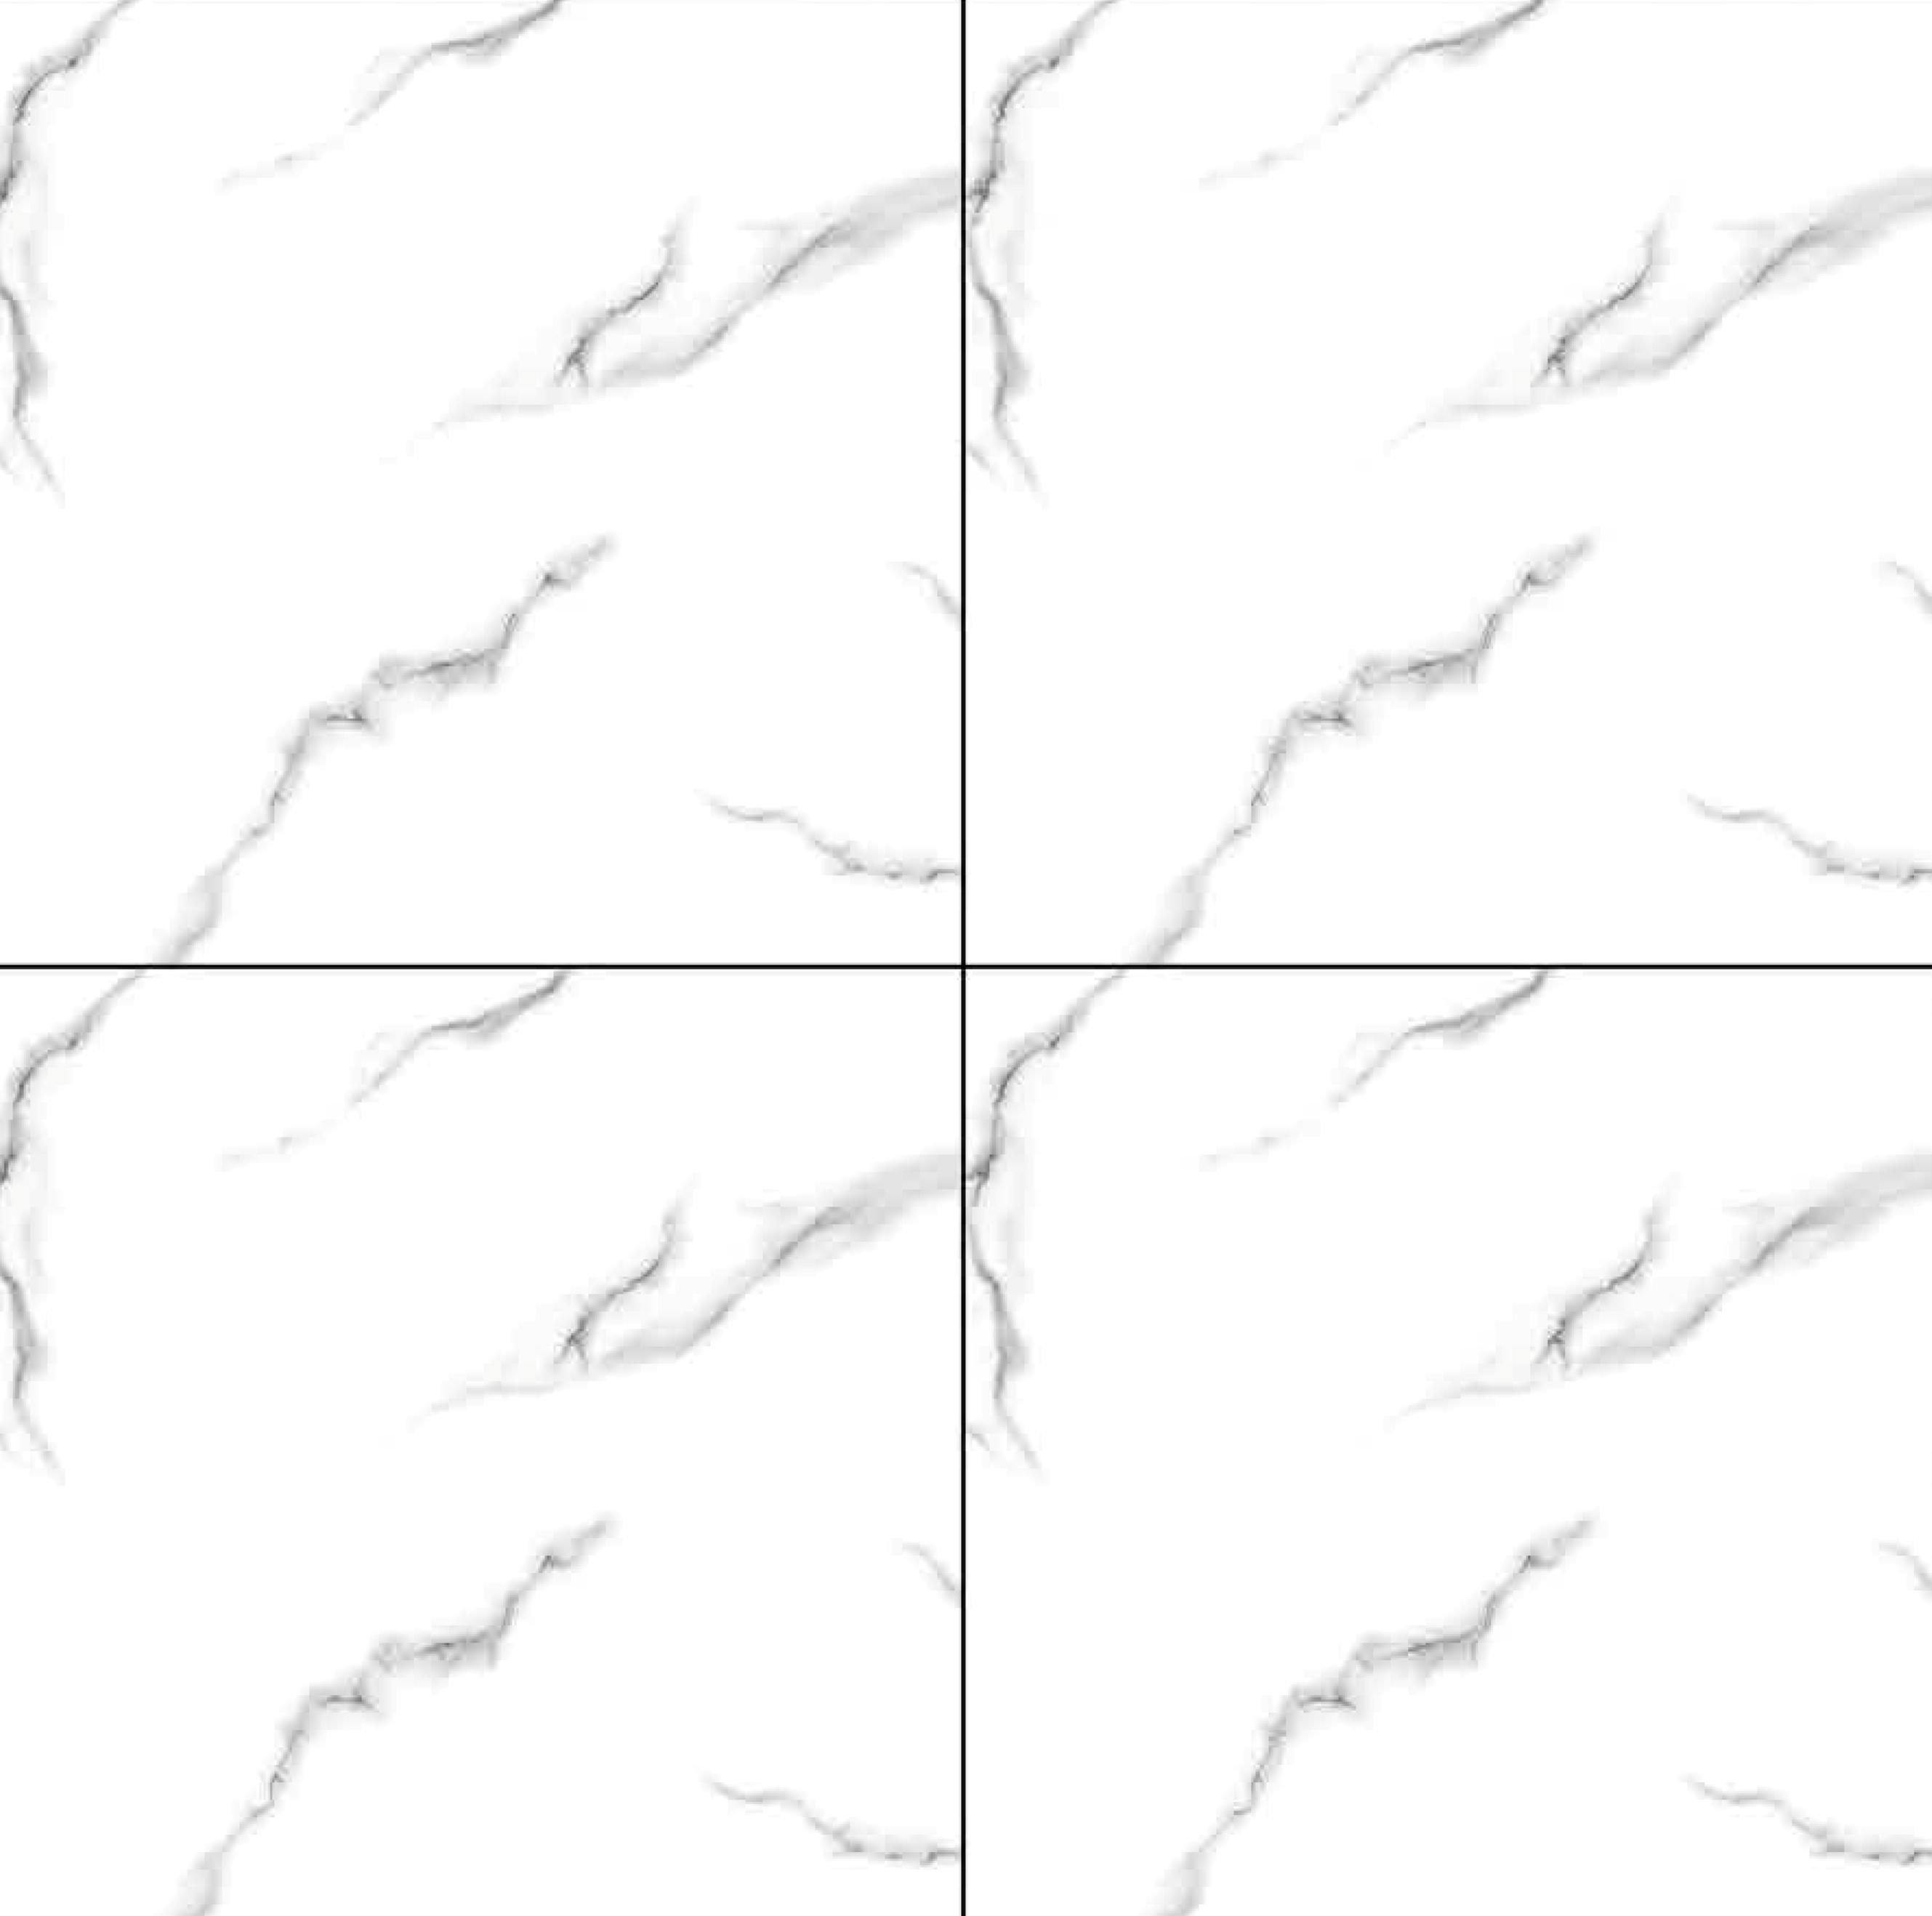 Glossy Ceramic Floor Tiles 396x396 MM